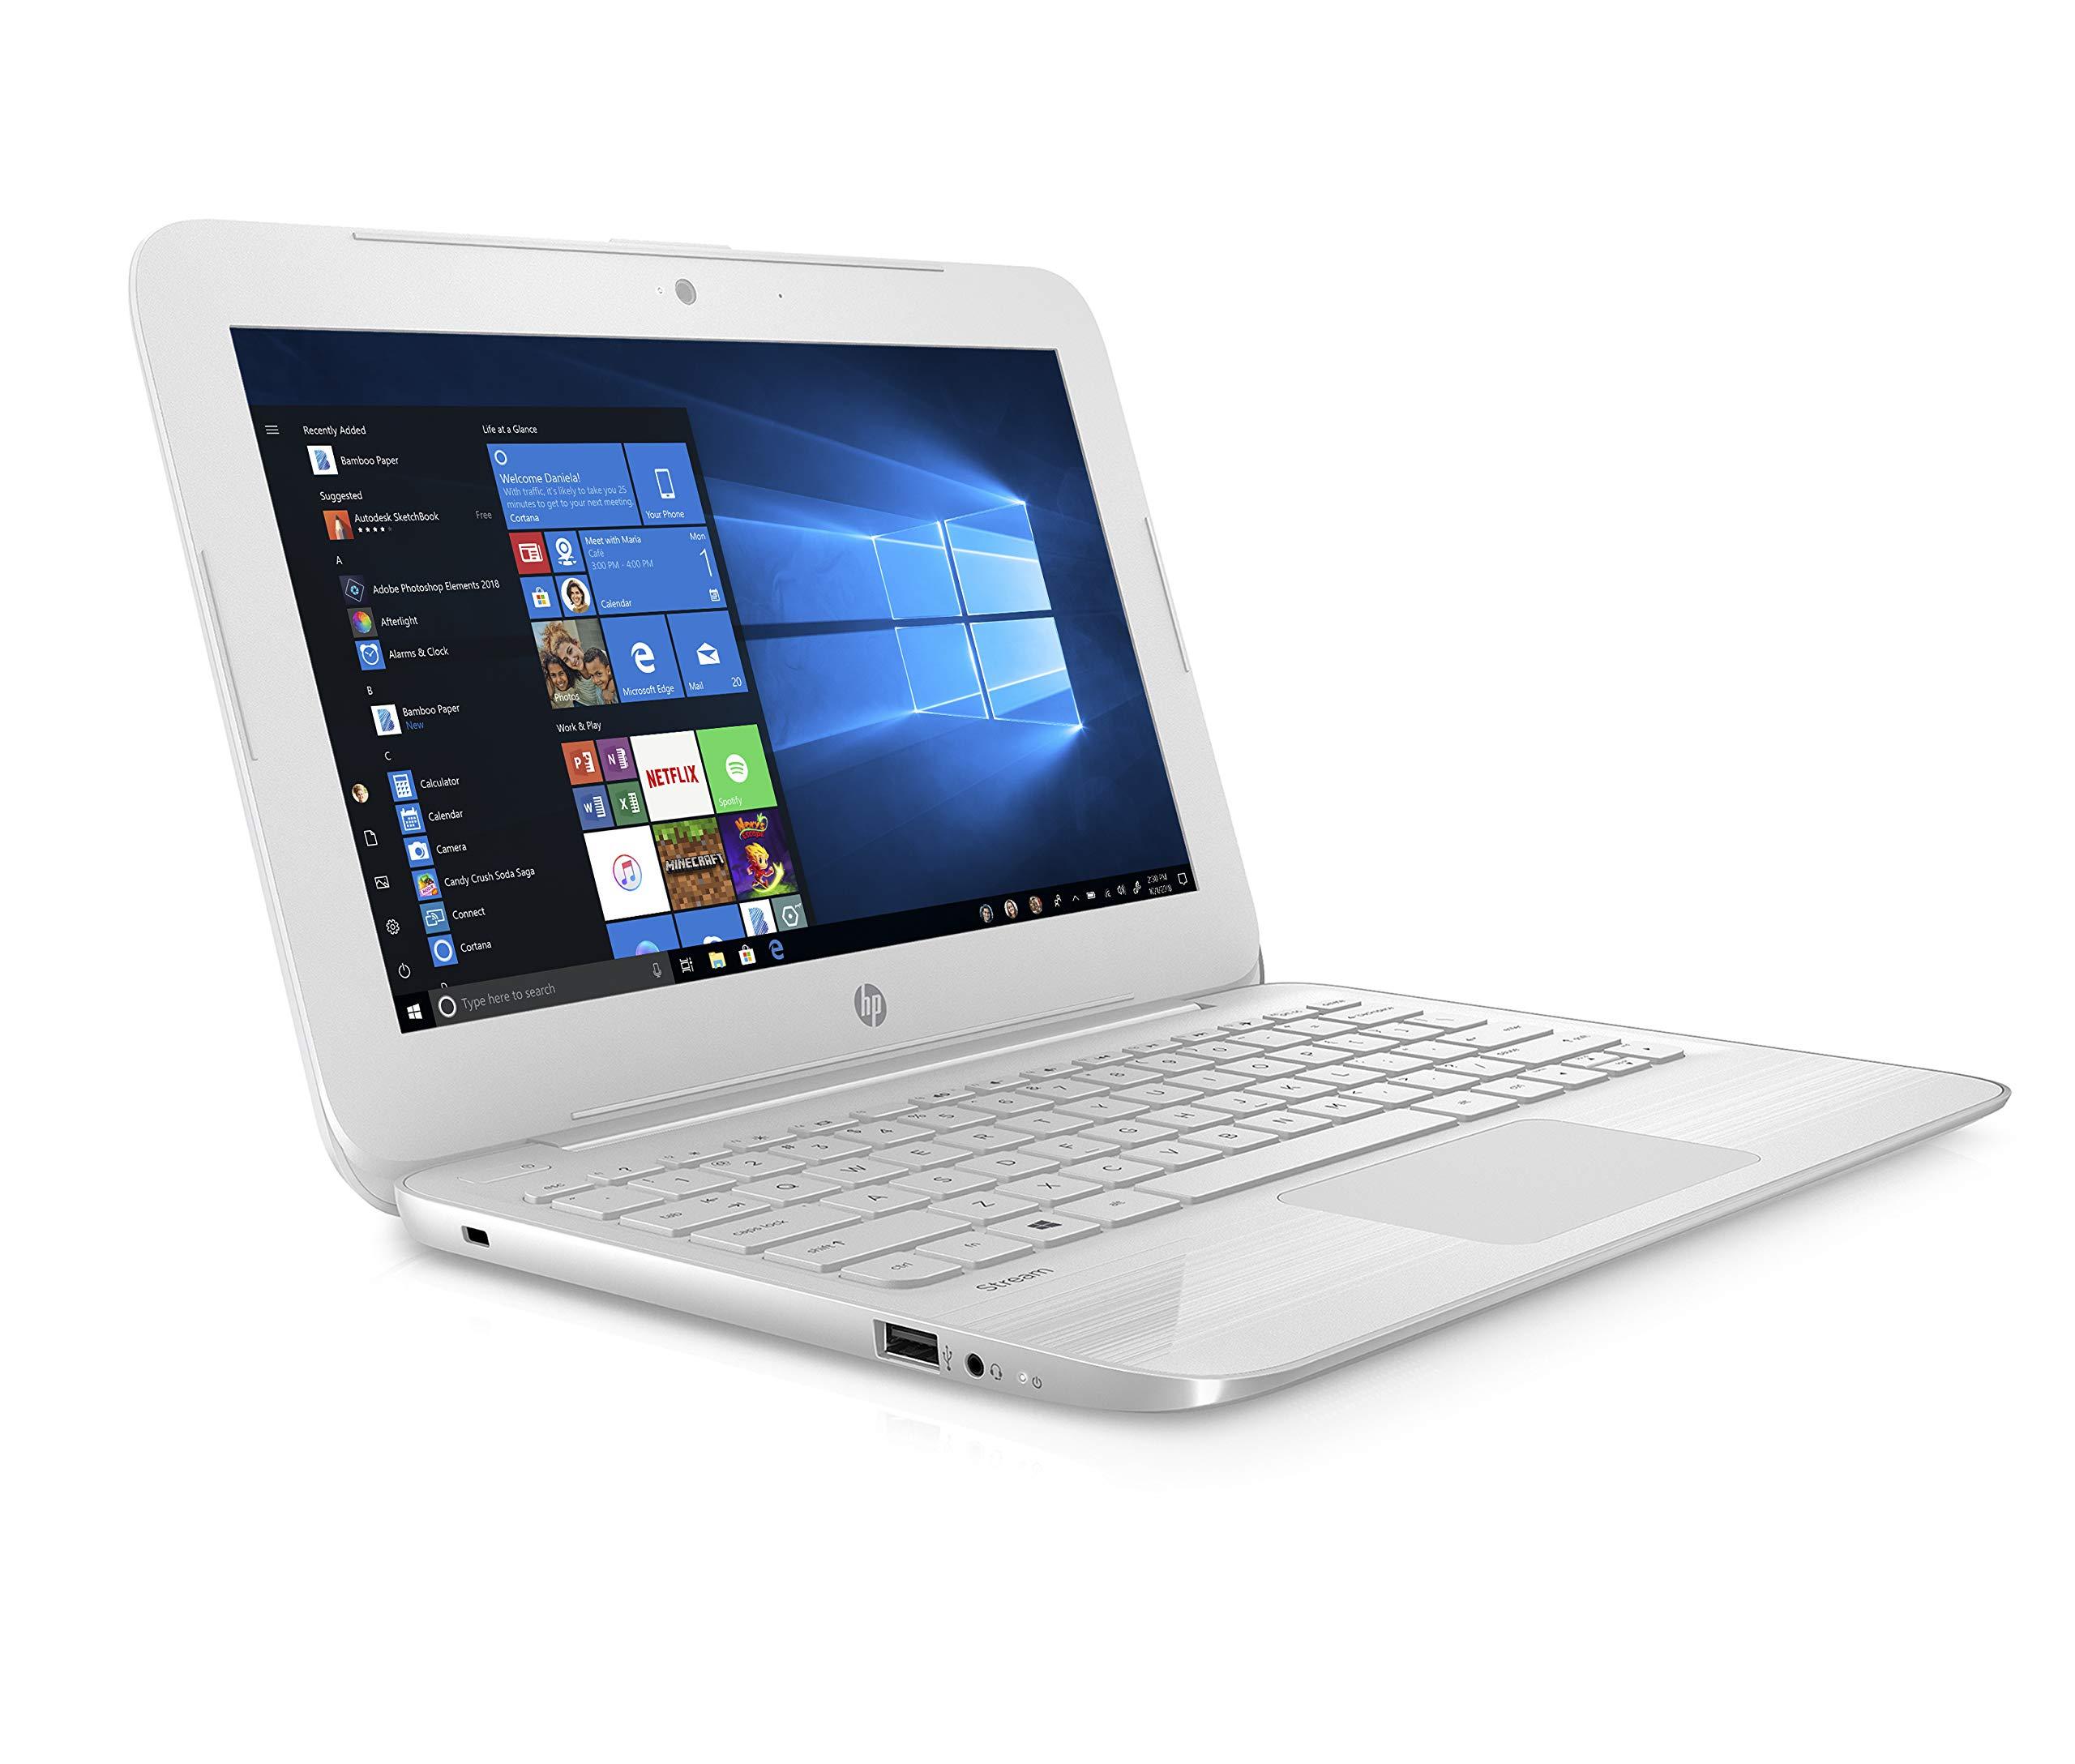 HP Stream 11-ah004na 11.6インチノートパソコン - (Intel Celeron N3060、2 GB RAM、32 GB eMMC、Office 365および1 1年間のサブスクリプション付きTB OneDriveクラウドストレージ、Windows 10ホーム)